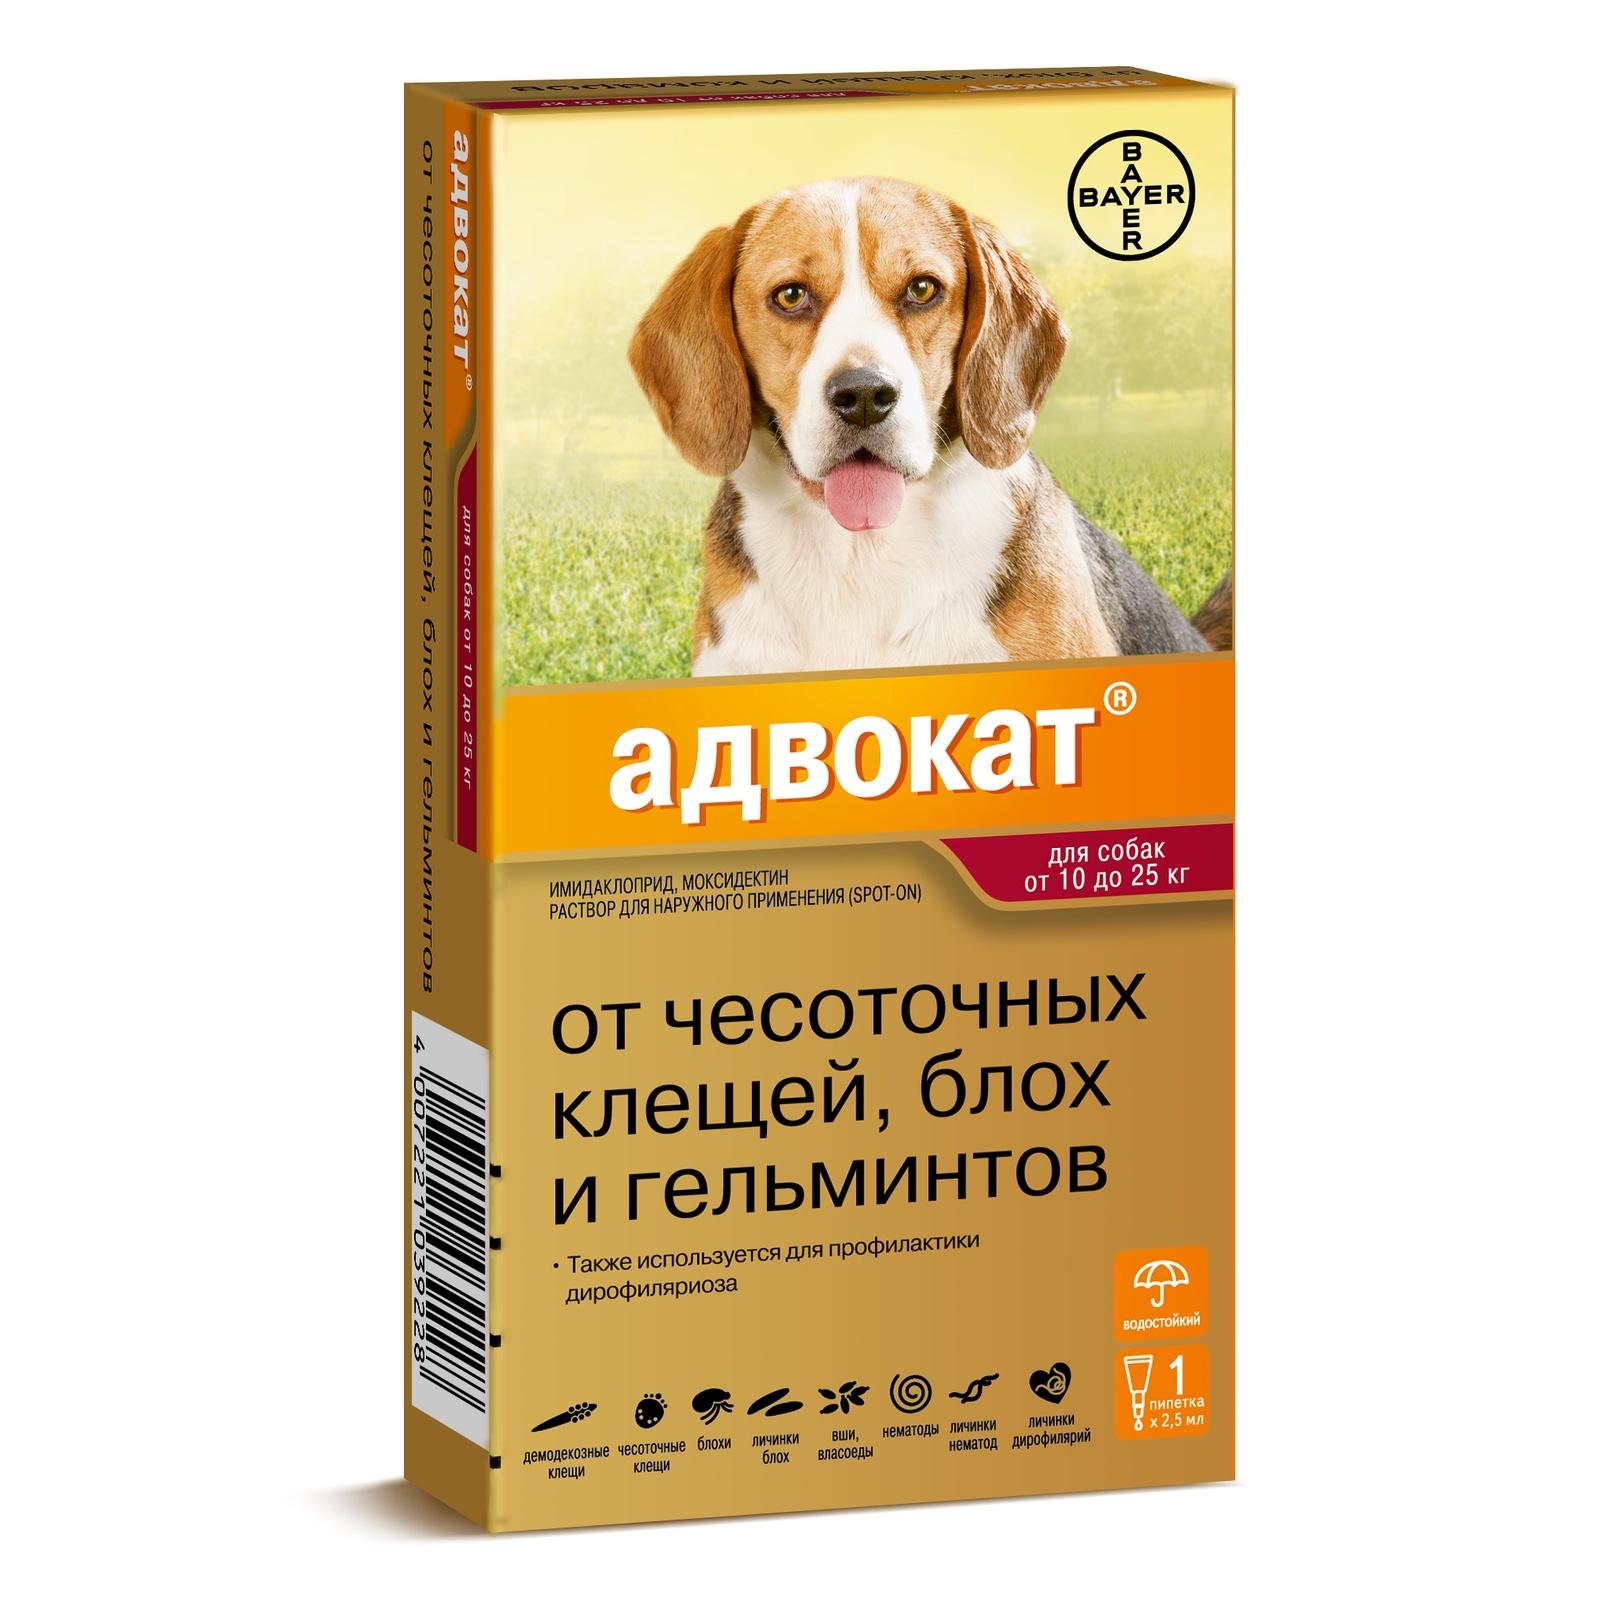 Bayer Golden Line Адвокат 250 для щенков и собак от клещей,блох,глистов (массой от 10кг до 25 кг) (1 пипетка)